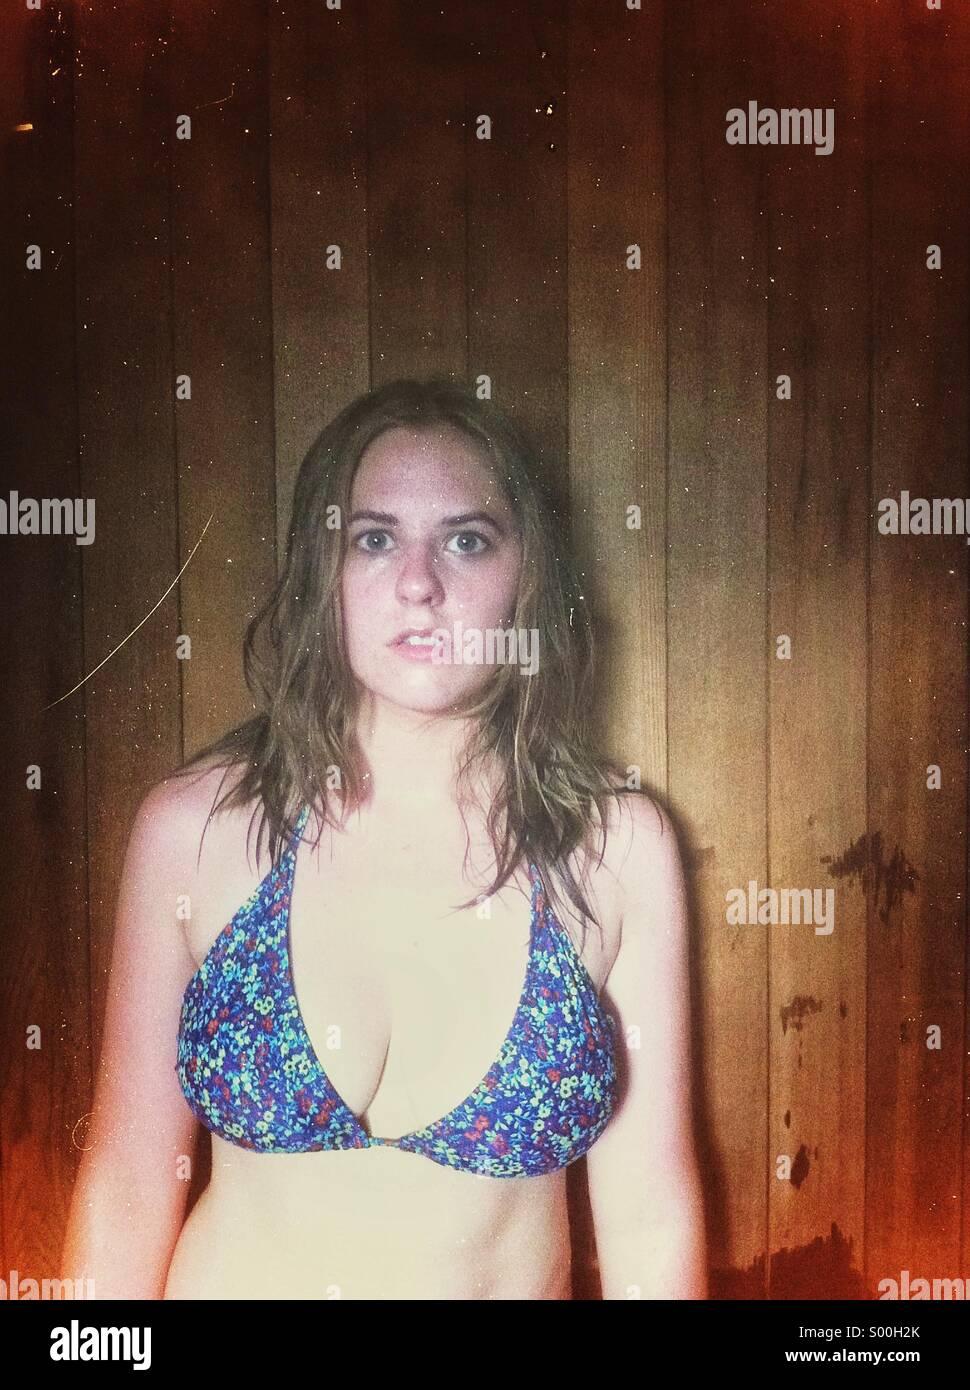 La donna dopo la sessione di sauna Immagini Stock